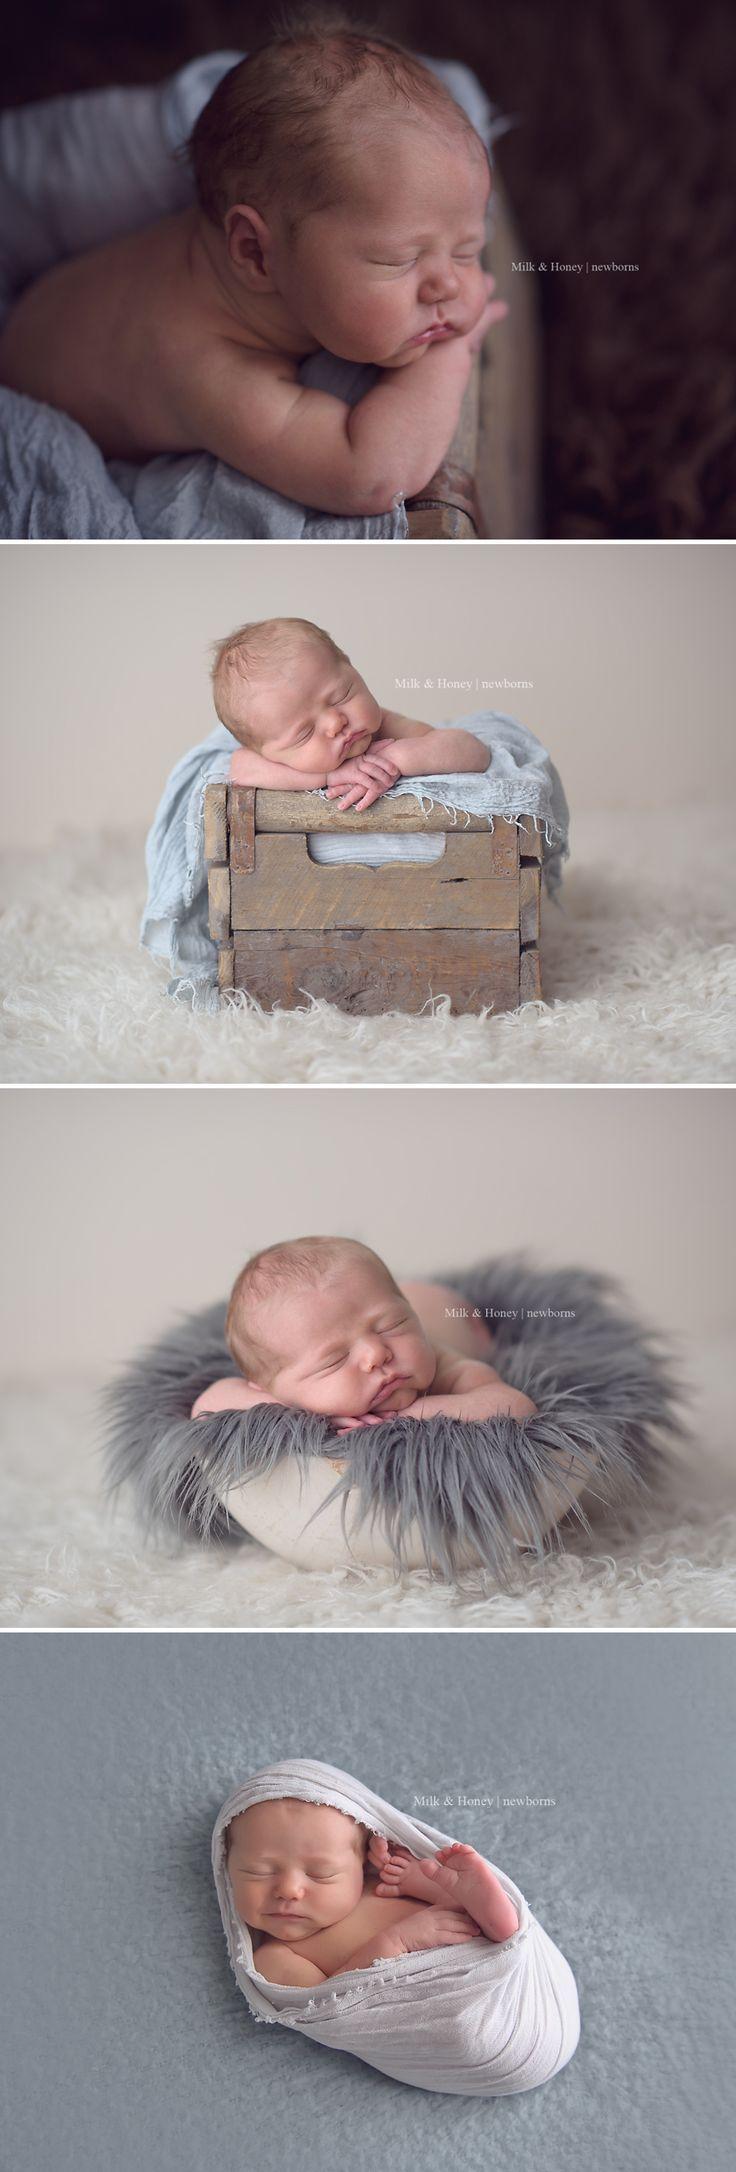 Grau- und Cremetöne für die Neugeborenen-Sitzung – milkandhoneyphoto … Like & Repin. Noelito Flow. Noel Lieder. folge meinen links www.instagram.com …